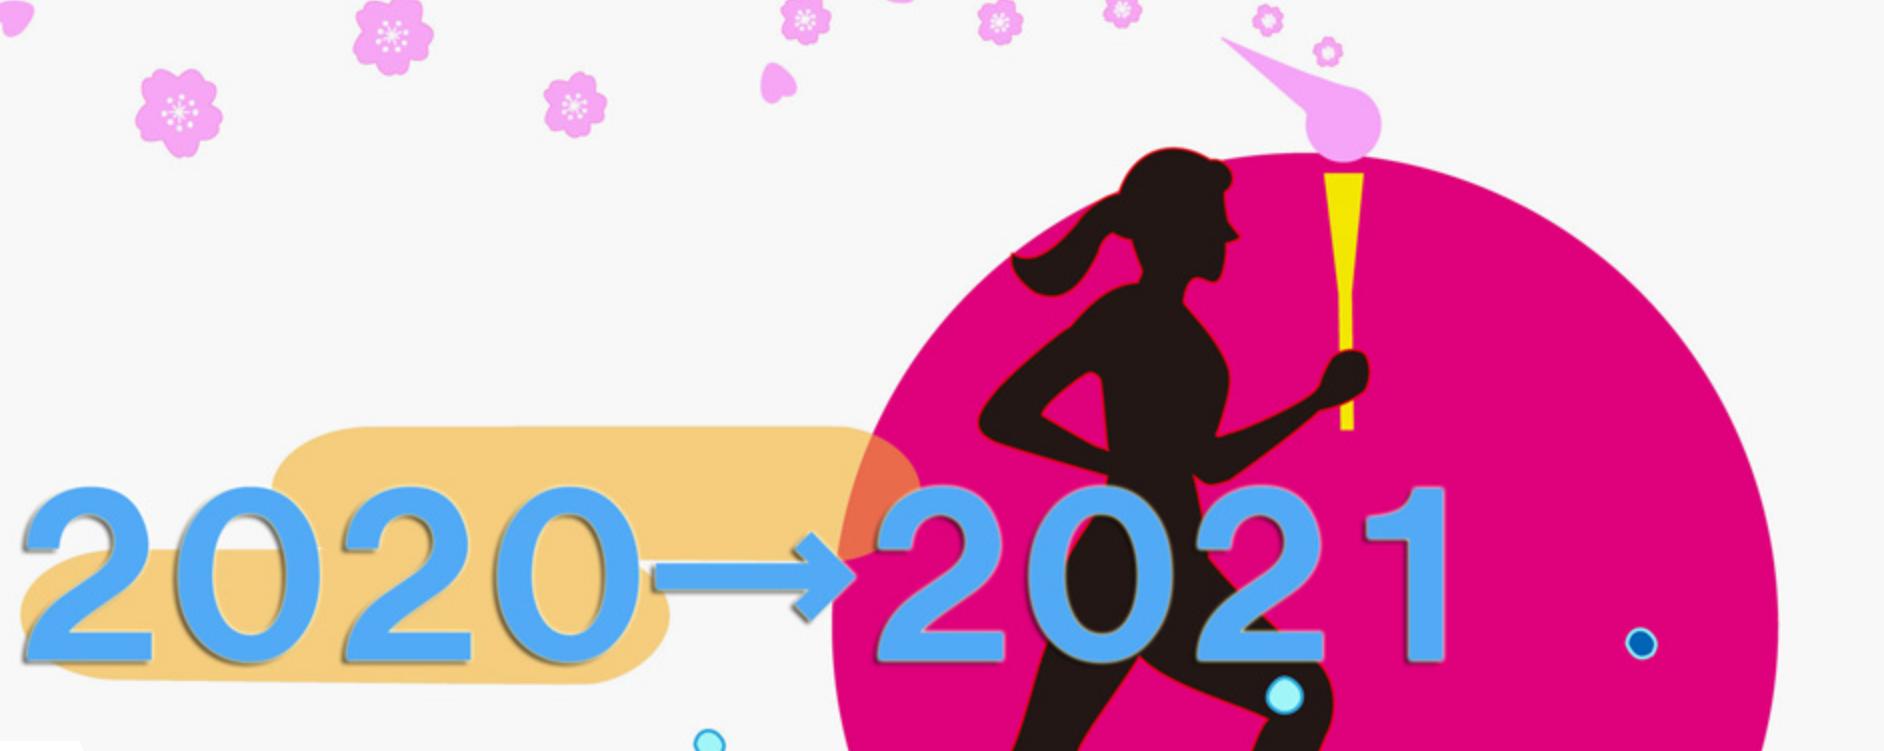 东京奥运会如果拒绝海外观众的话损失至少1300亿日元